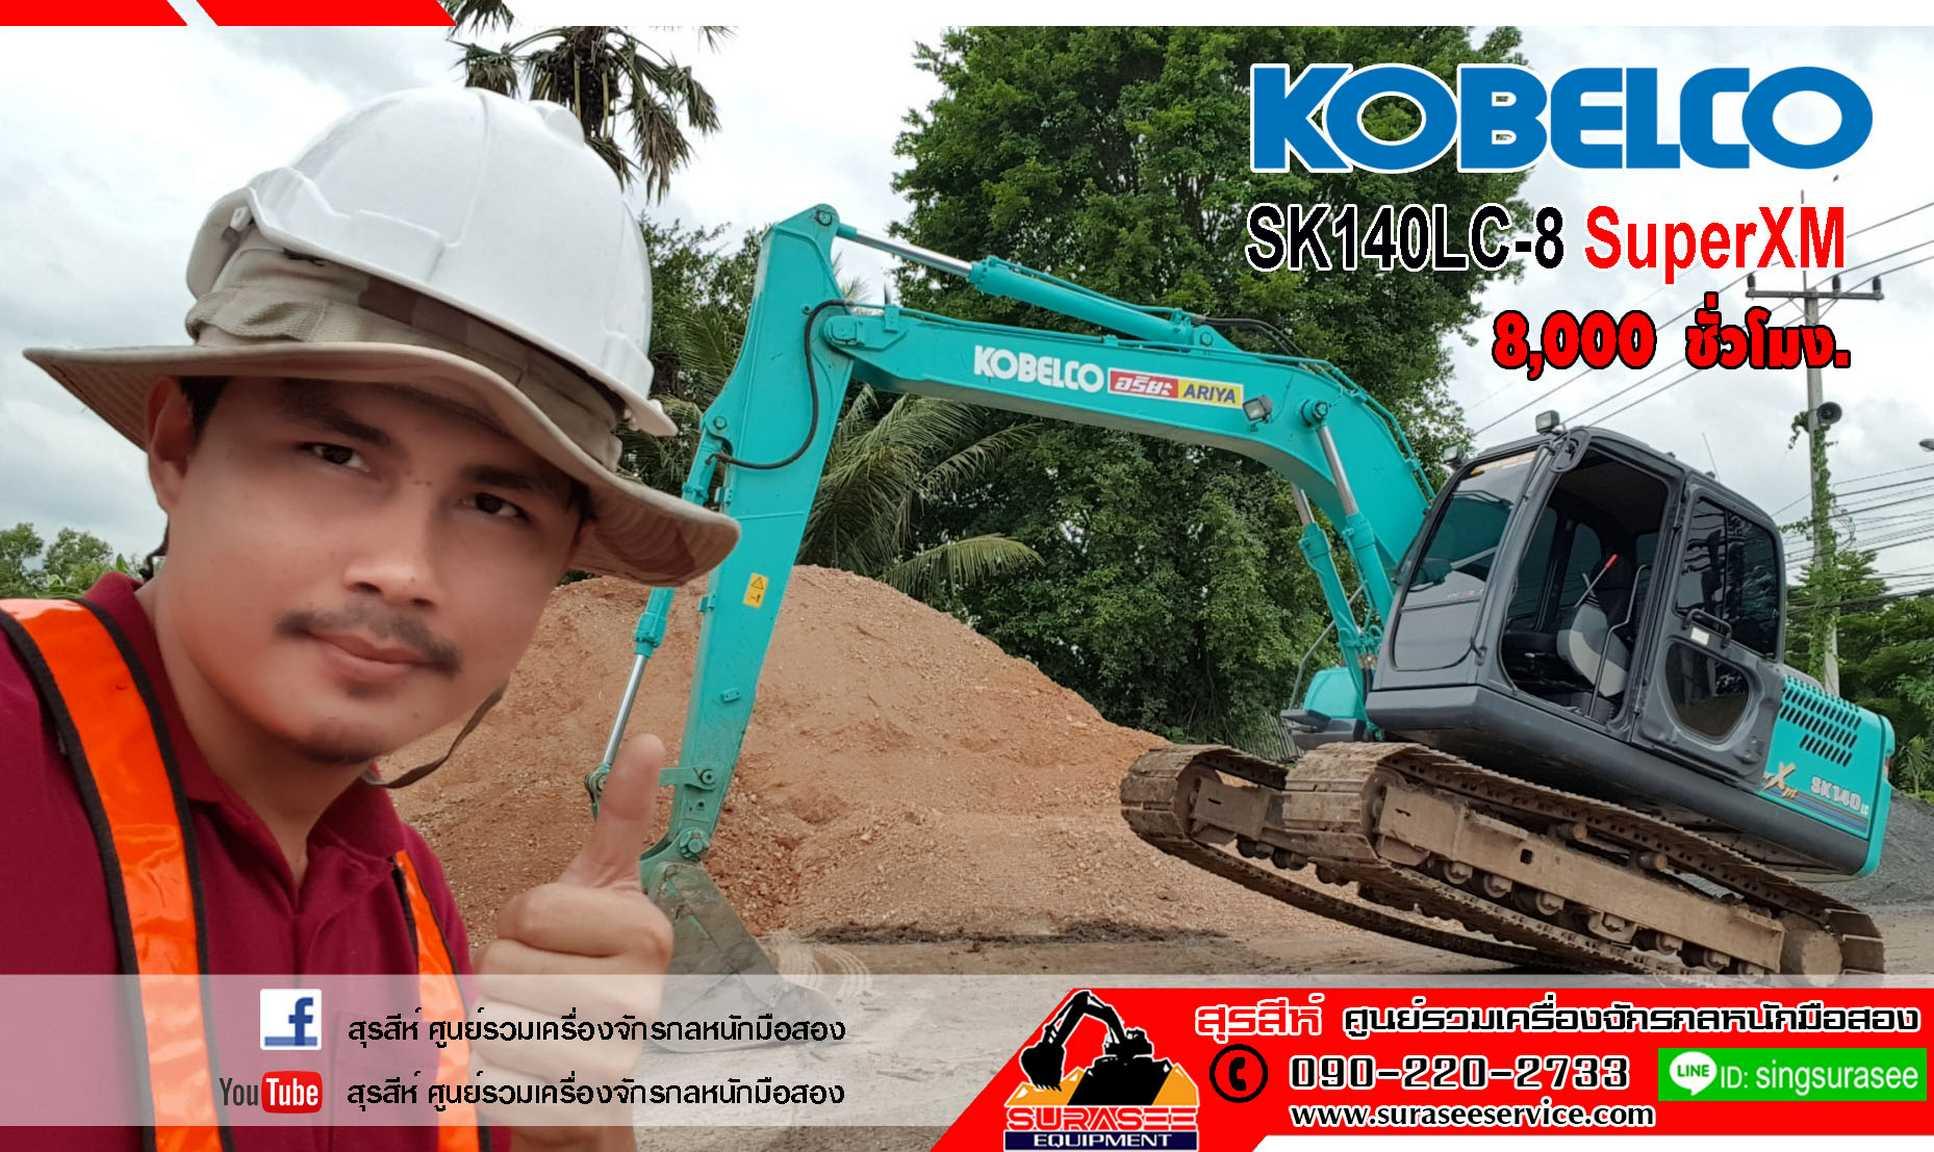 มาแล้วรถขุดมือสอง !! สภาพ กริ๊ปเลย  KOBELCO SK140LC-8   SuperXM  8 พันชั่วโมง